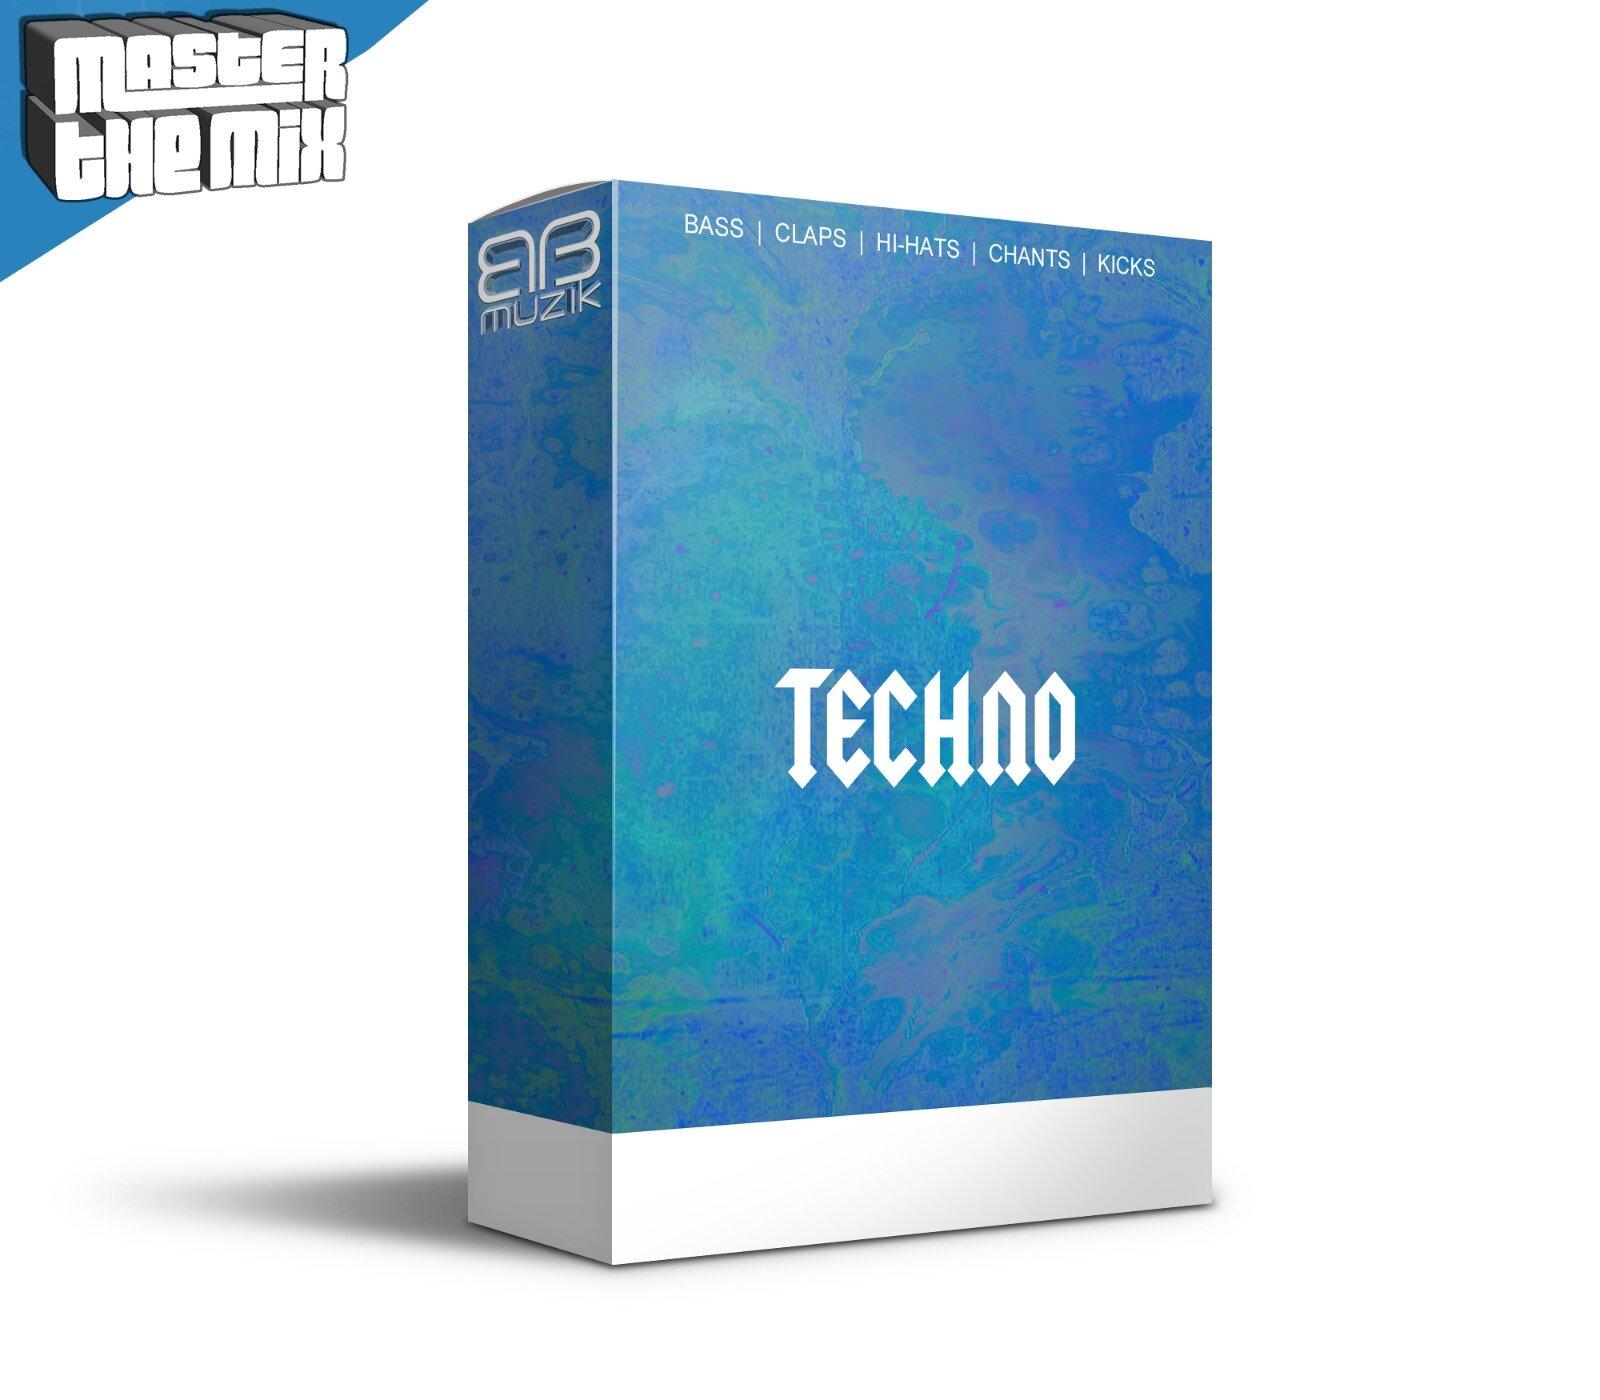 Techno.jpeg